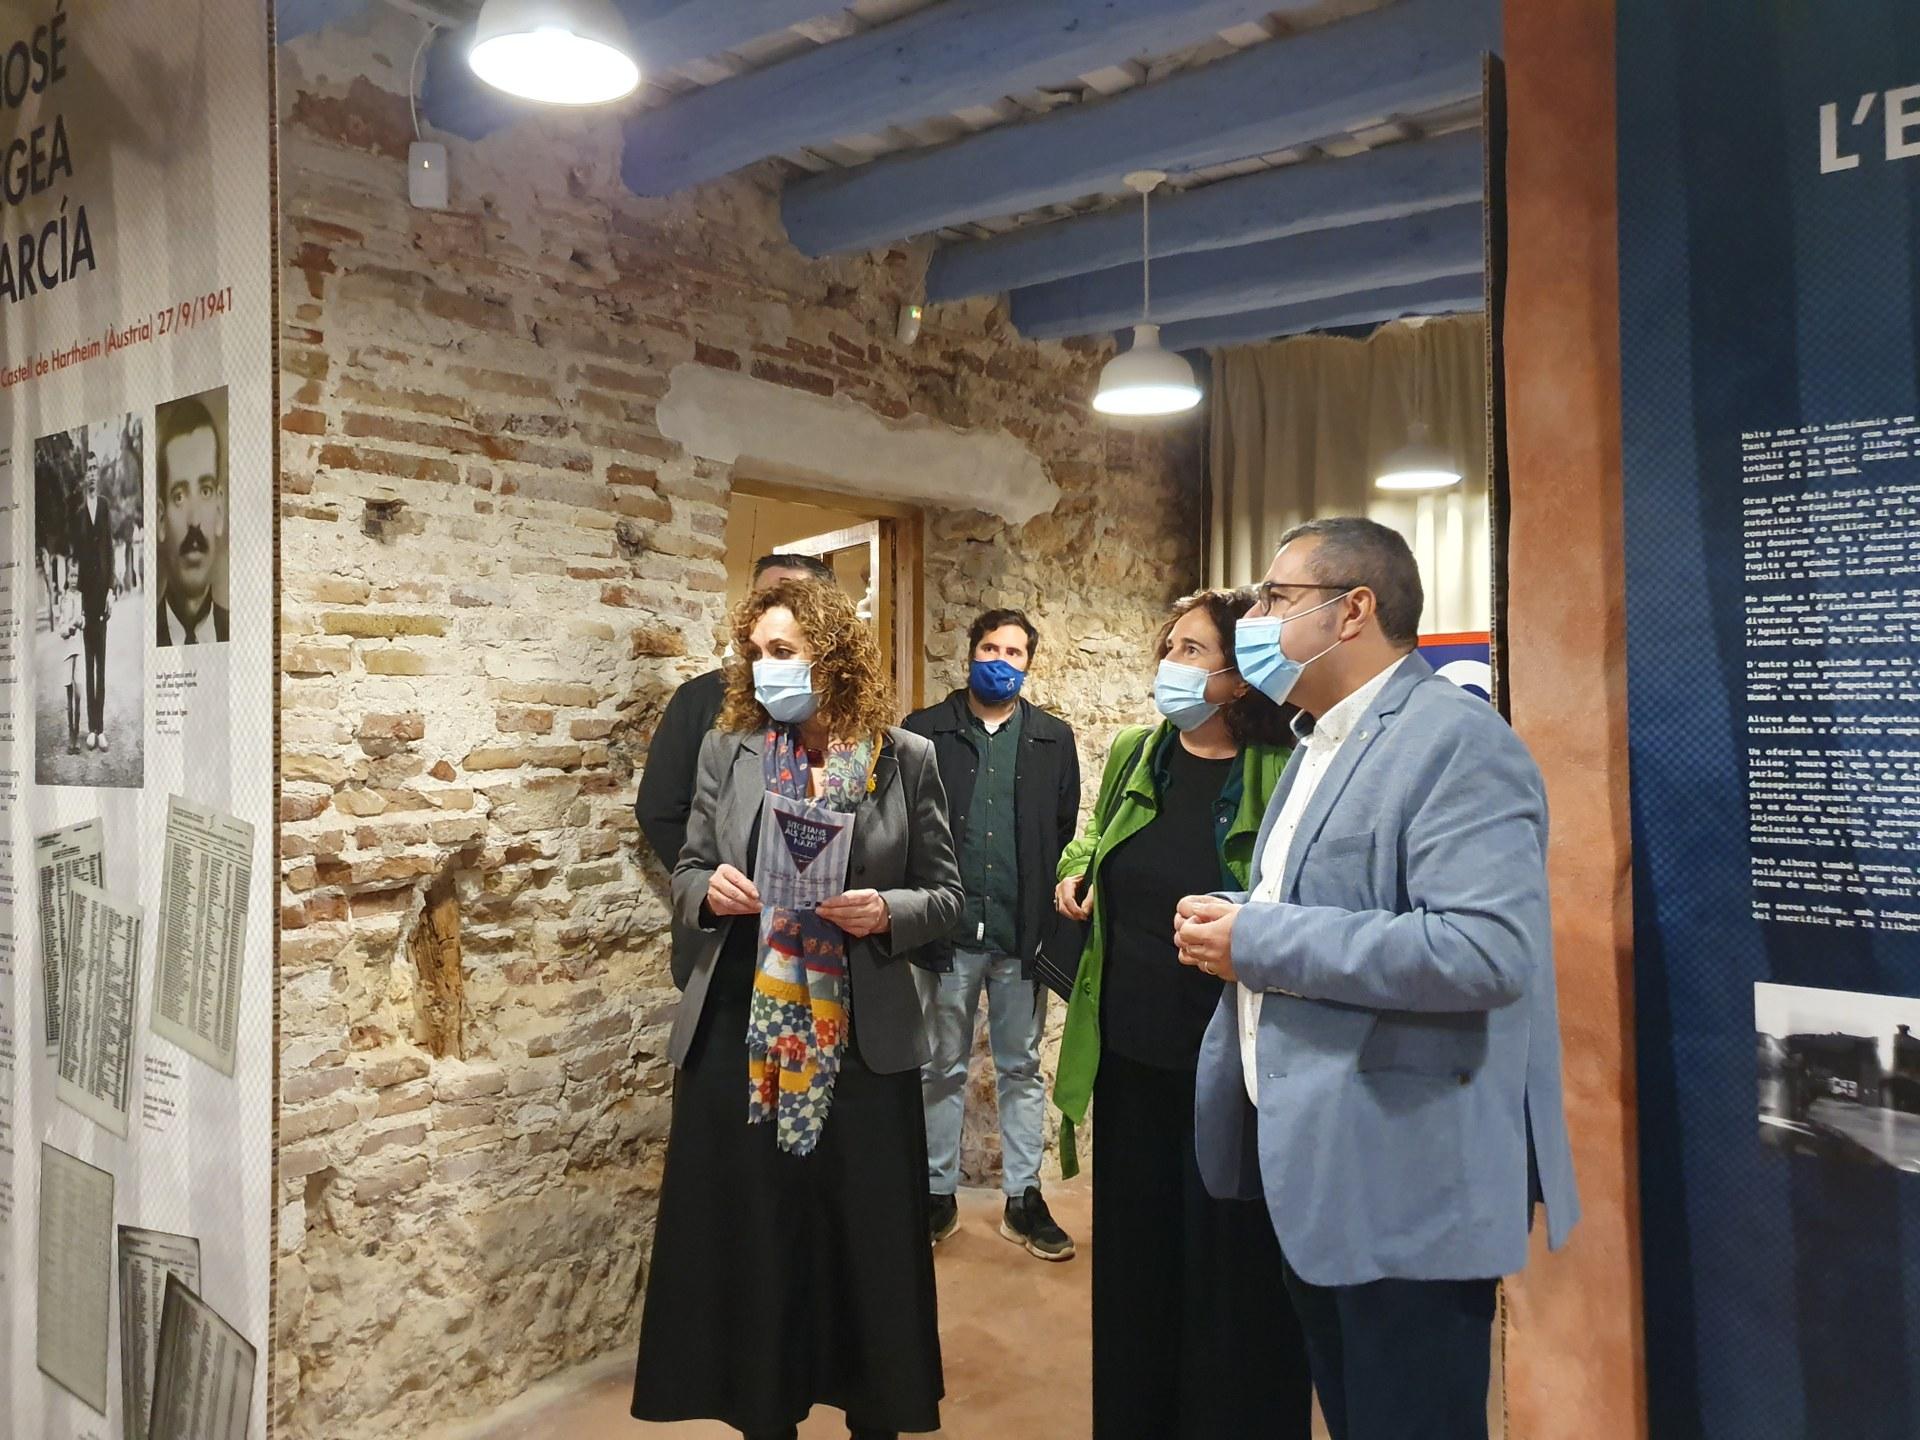 La consellera de Justícia, Ester Capella, durant la seva visita a la mostra el passat 17 de novembre